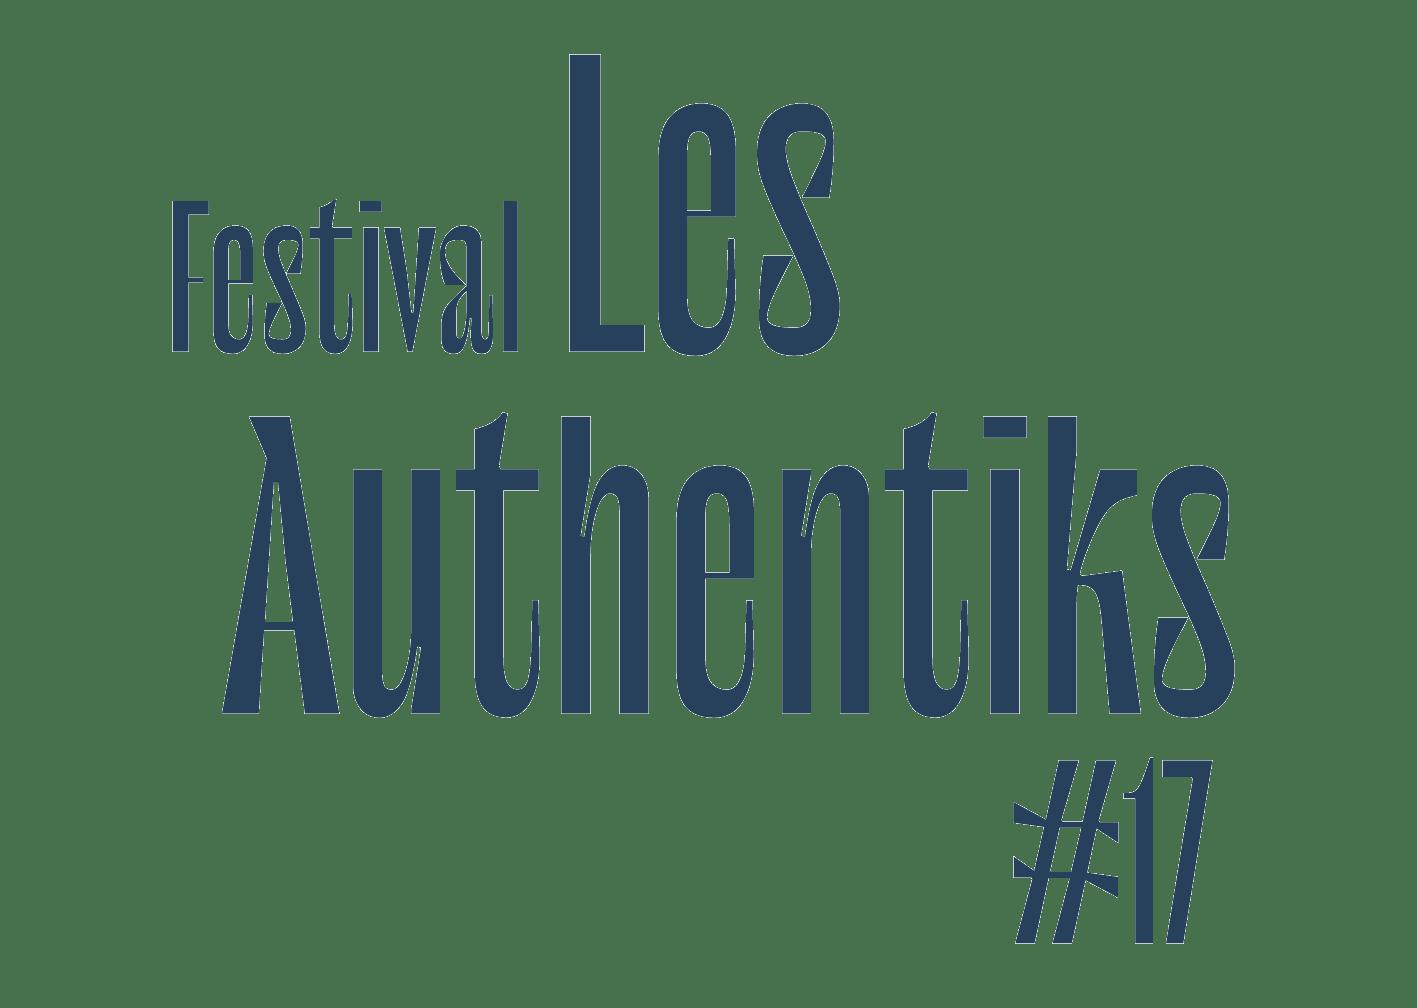 Festival Authentiks de Vienne 2021 les 13 et 15 juillet au theatre antique de vienne